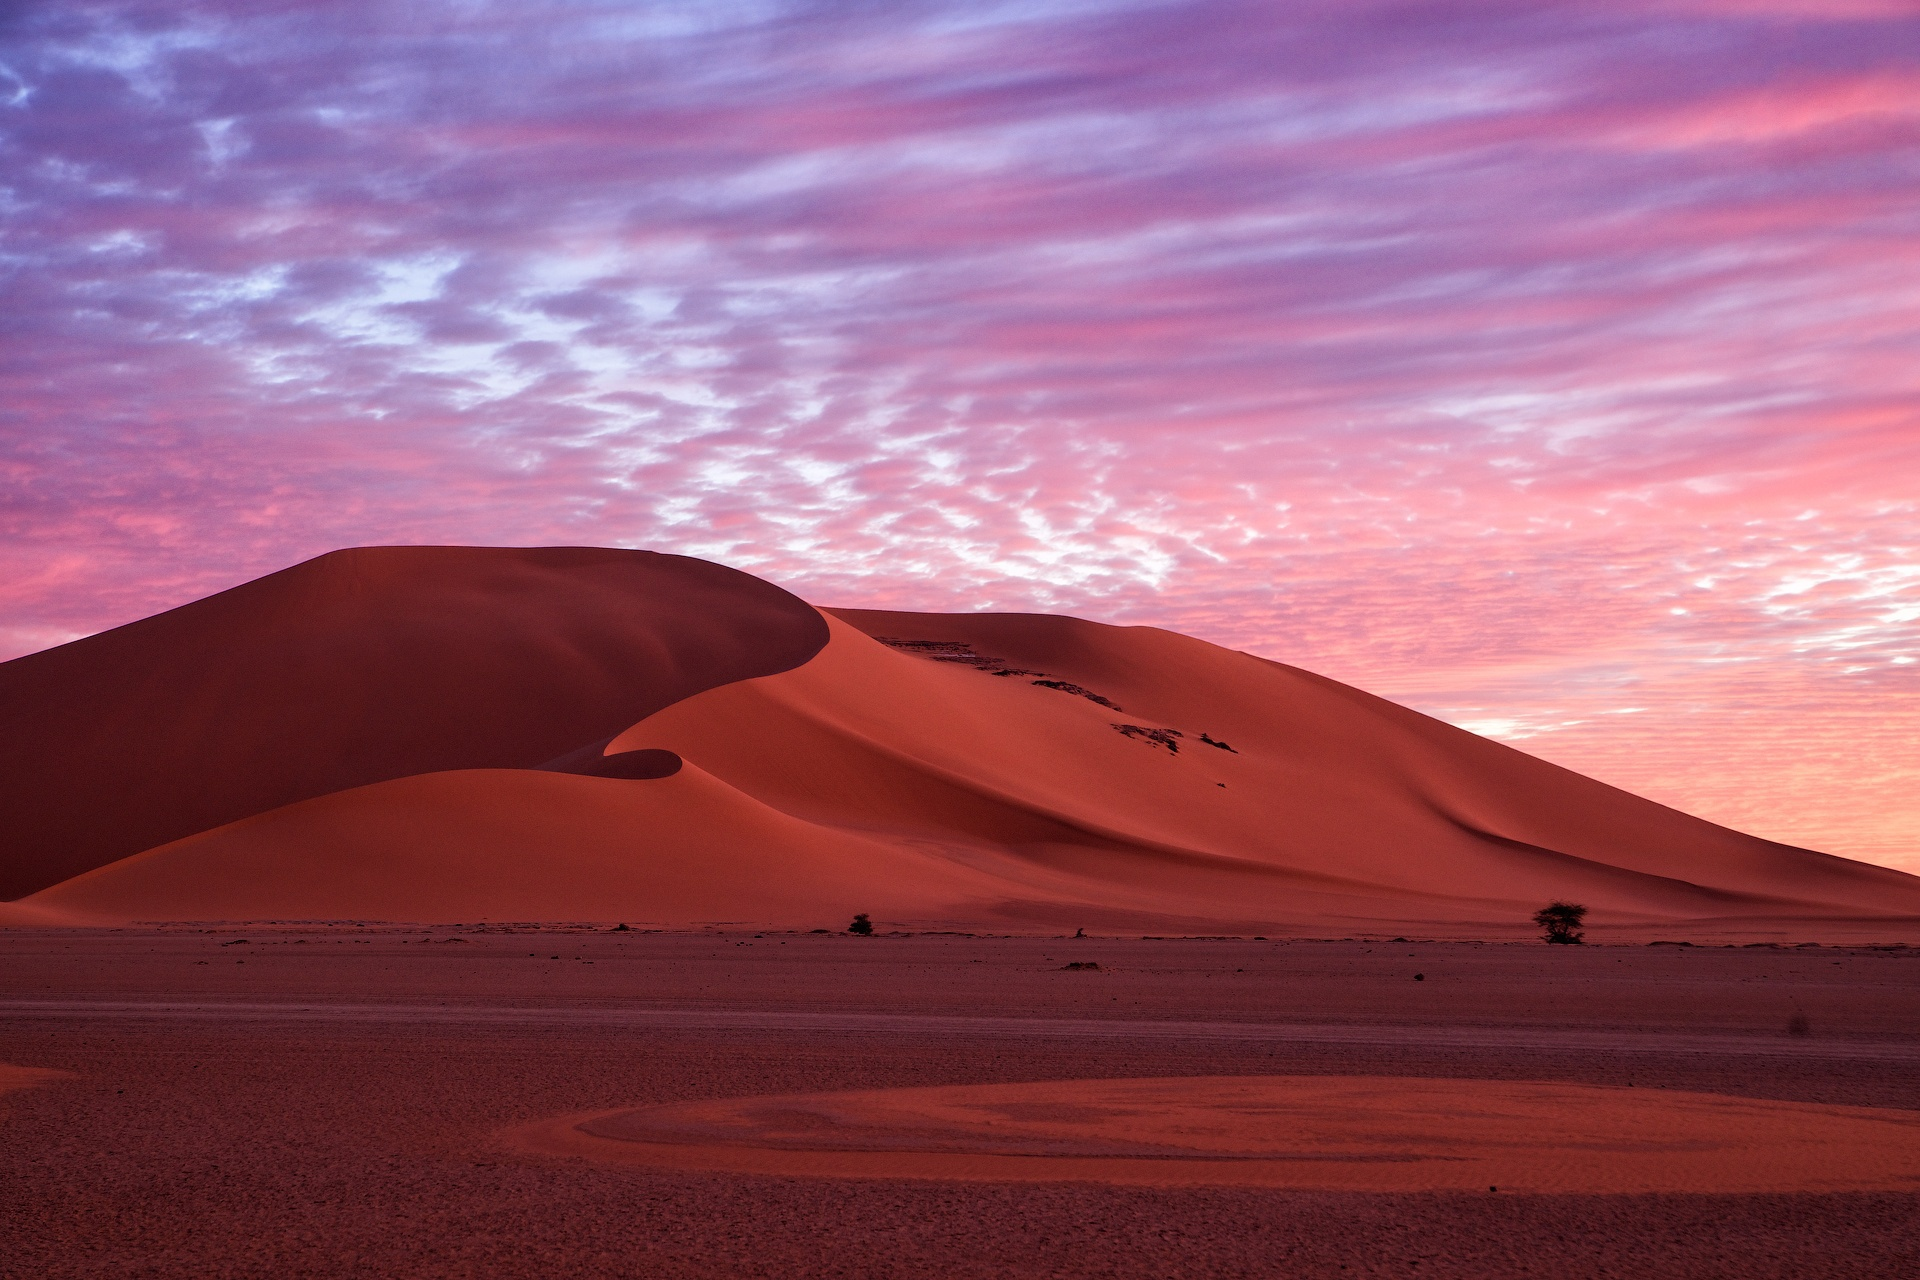 фото в пустыне очень яркие